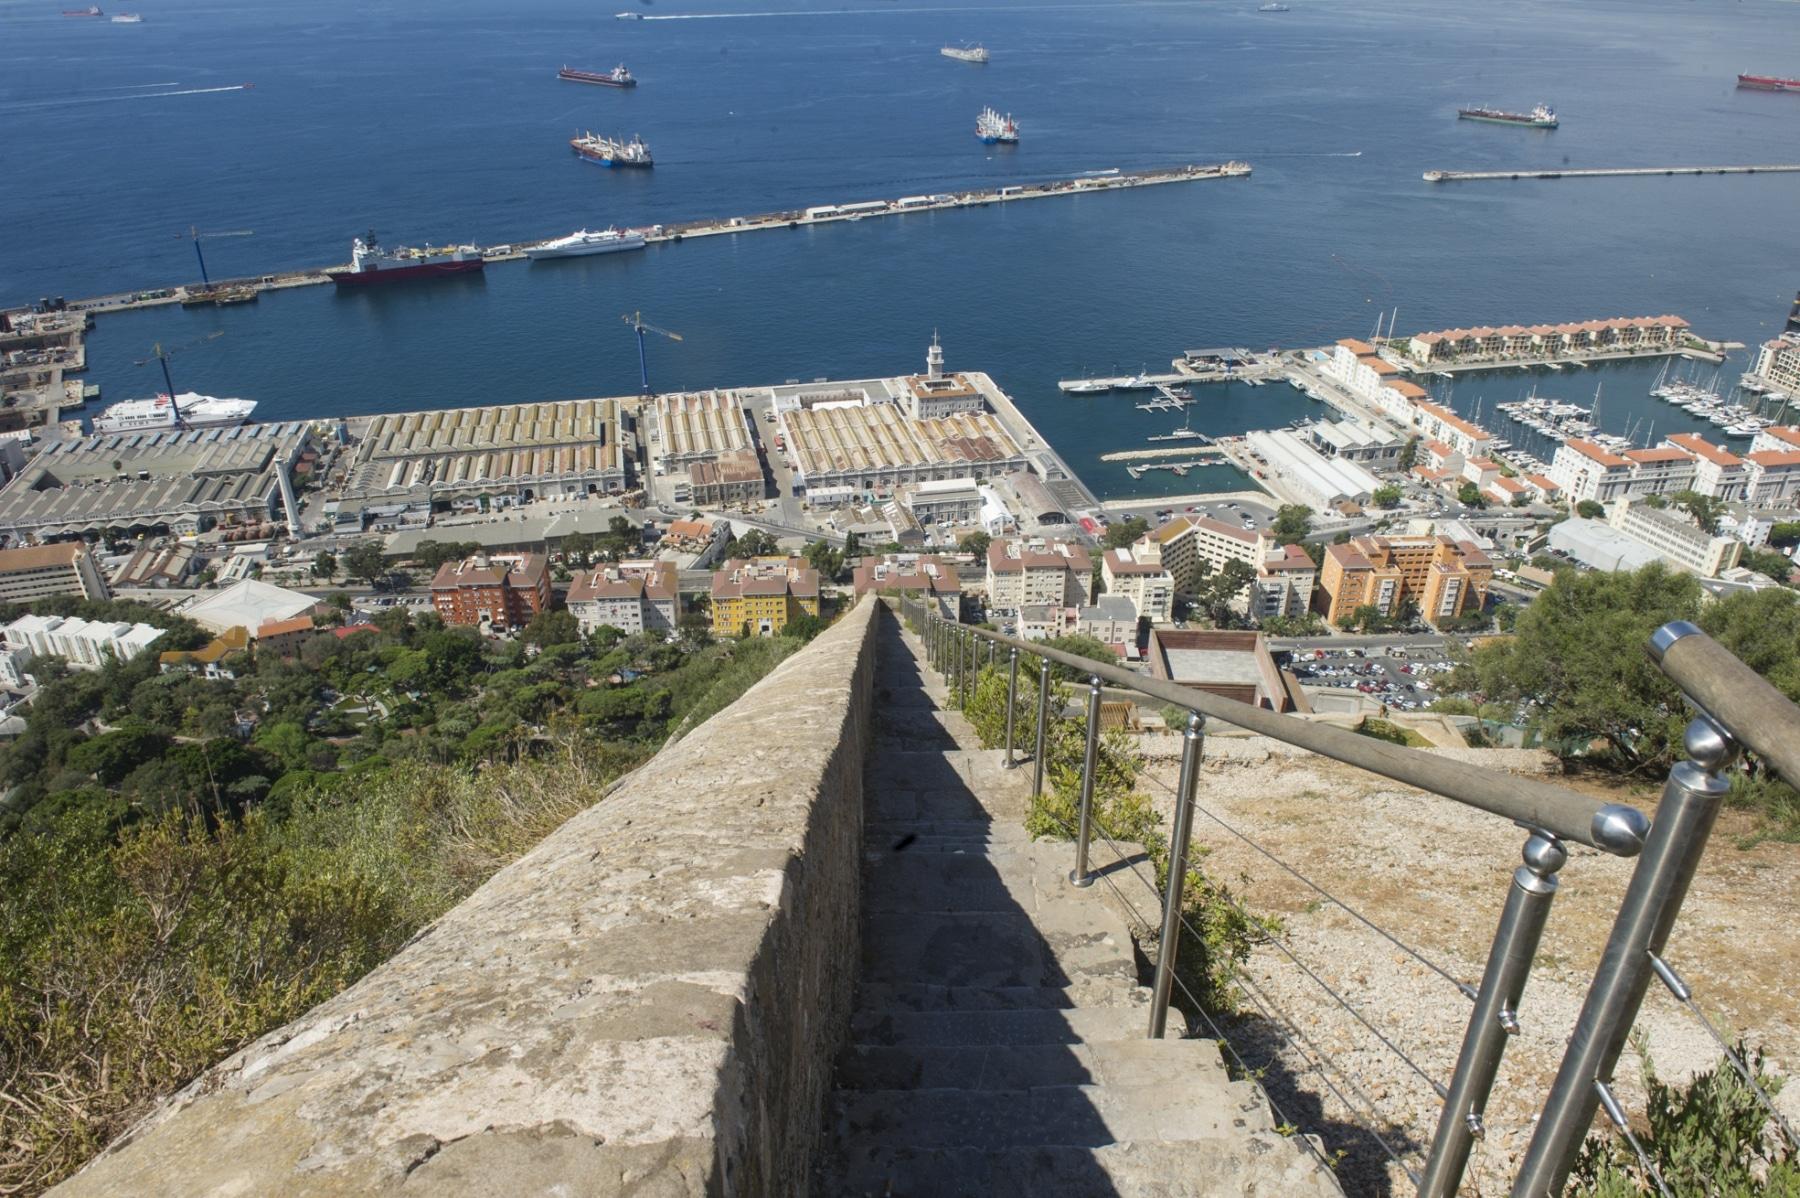 los-escalones-del-mediterrneo-suben-desde-la-ciudad-a-lo-ms-alto-del-pen-de-gibraltar_22713647666_o